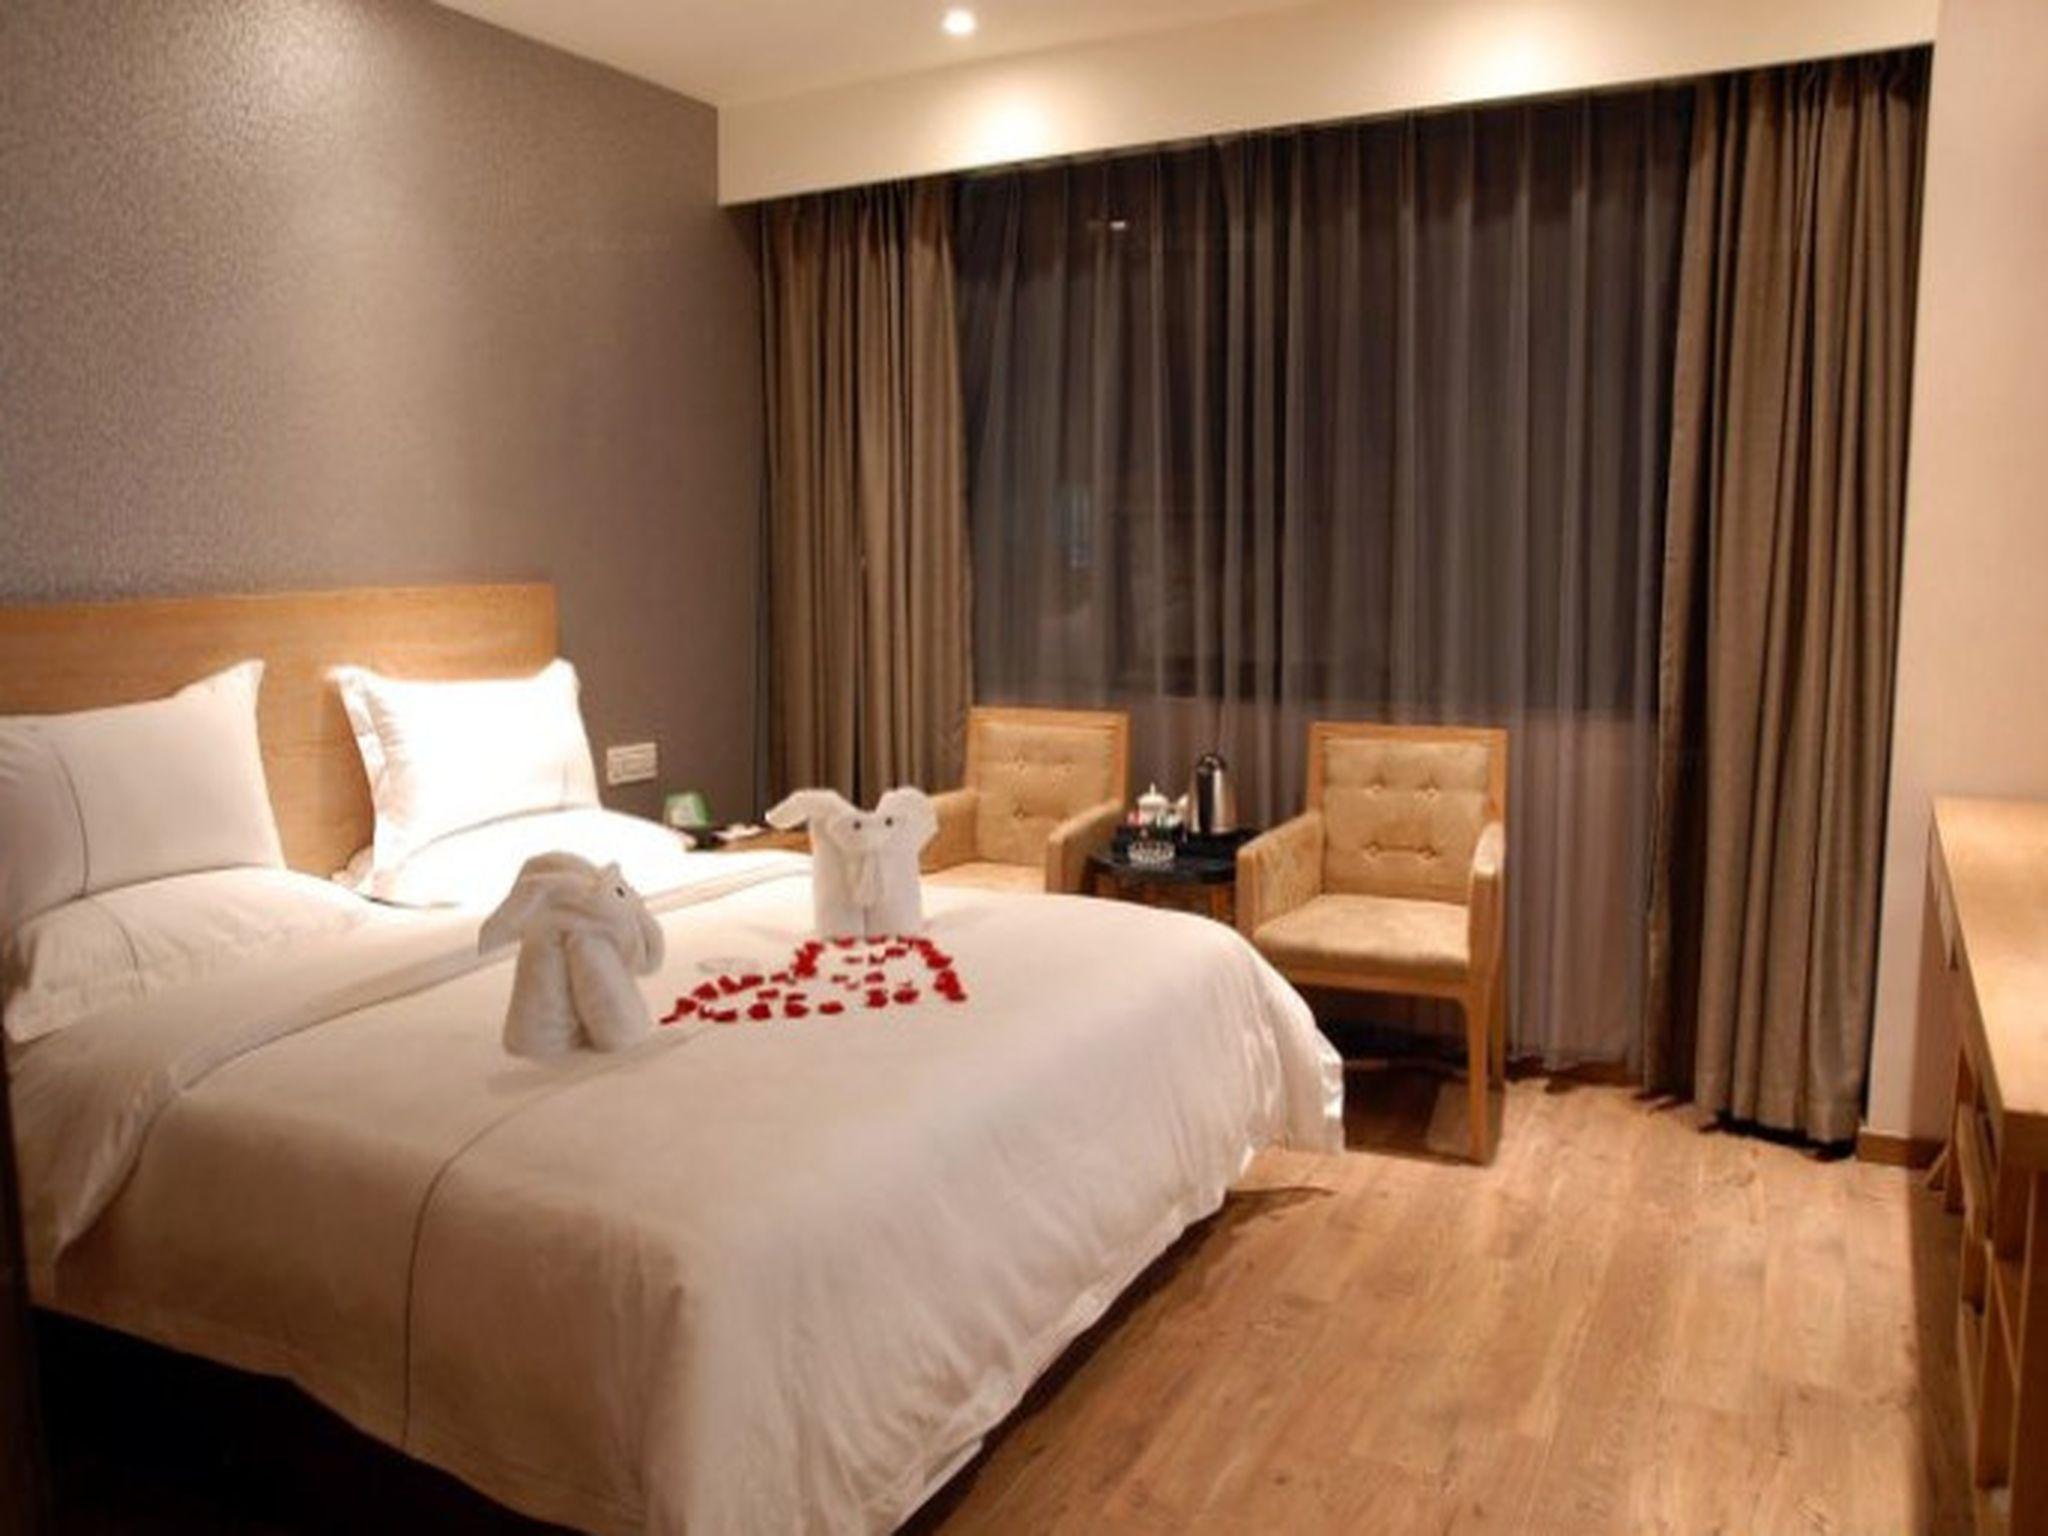 Insail Hotels  Guangyuanxincun Jingtai Pedestrian Street Guangzhou